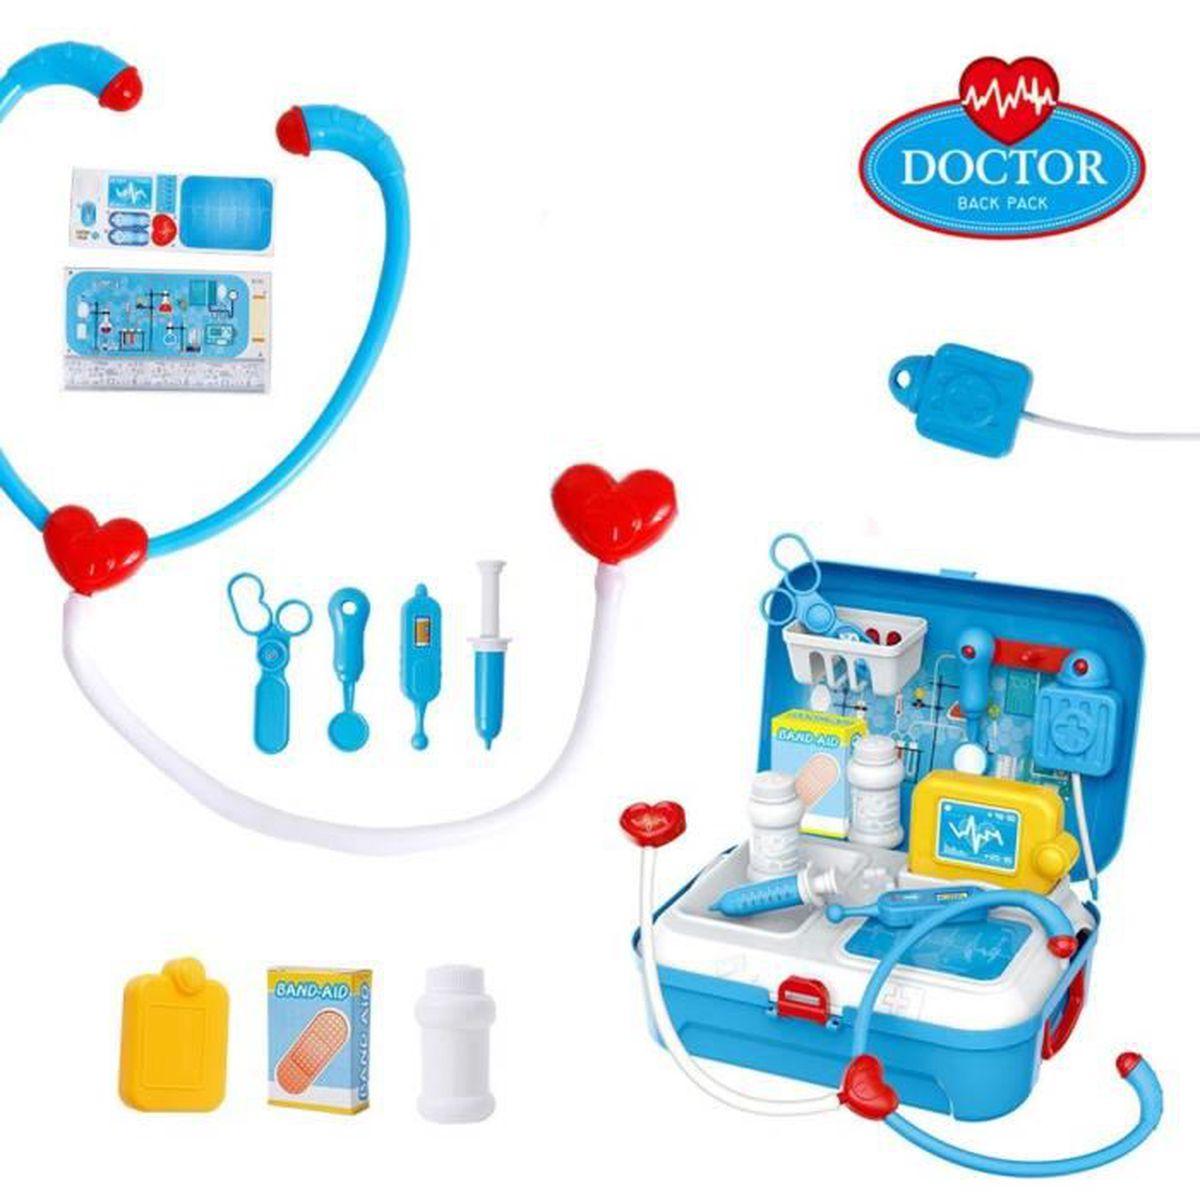 Jeux DImitation Jouet Docteur Enfant Enfants Jouets Docteur Kit Dentiste M/édical Outils Roleplay Pour Les Enfants De No/ël Cadeaux De Vacances